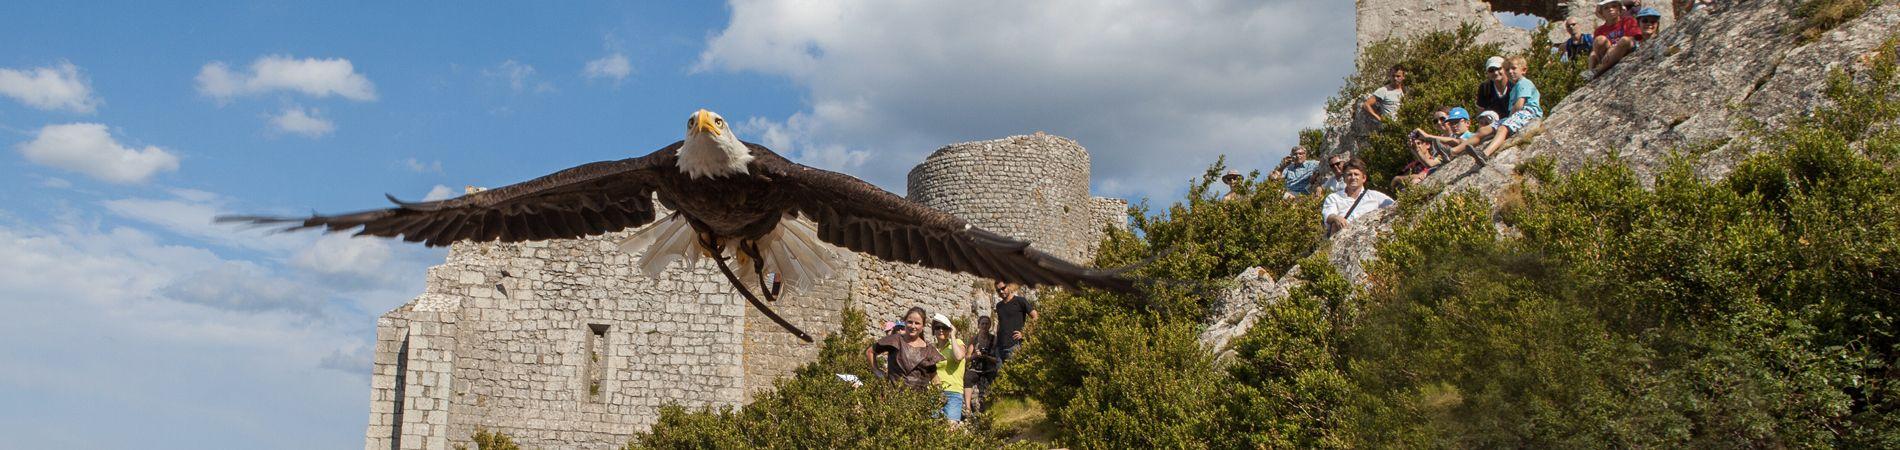 El castillo cátaro de Peyrepertuse